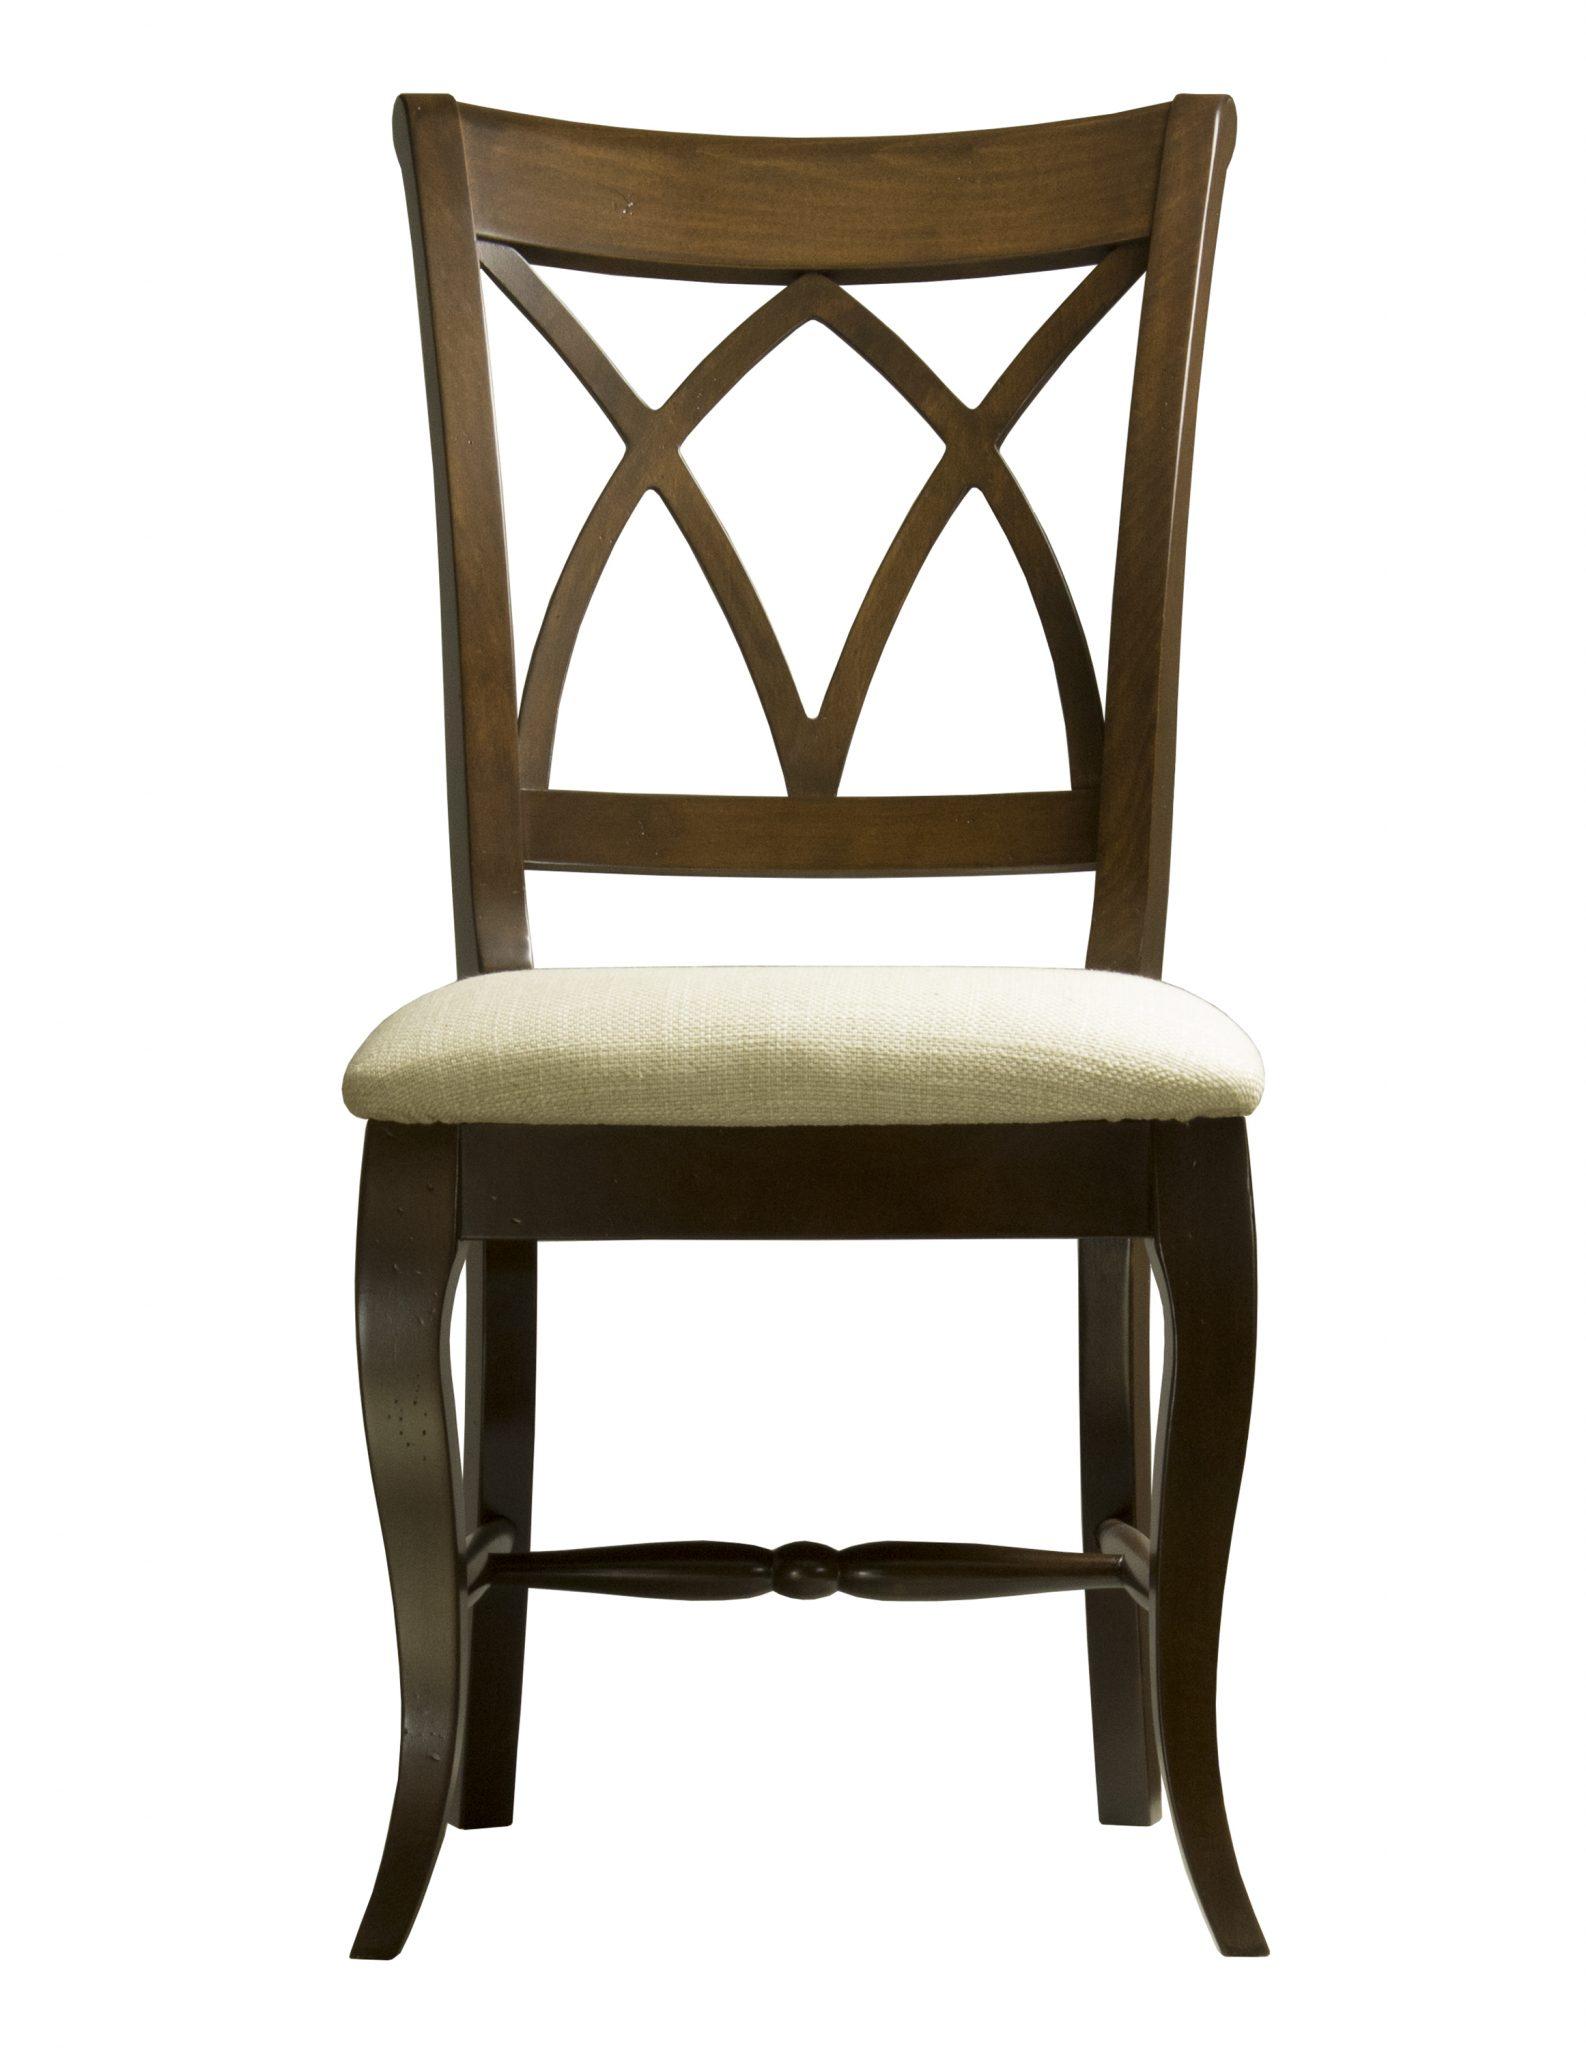 Model 18 Side Chair Upholstered